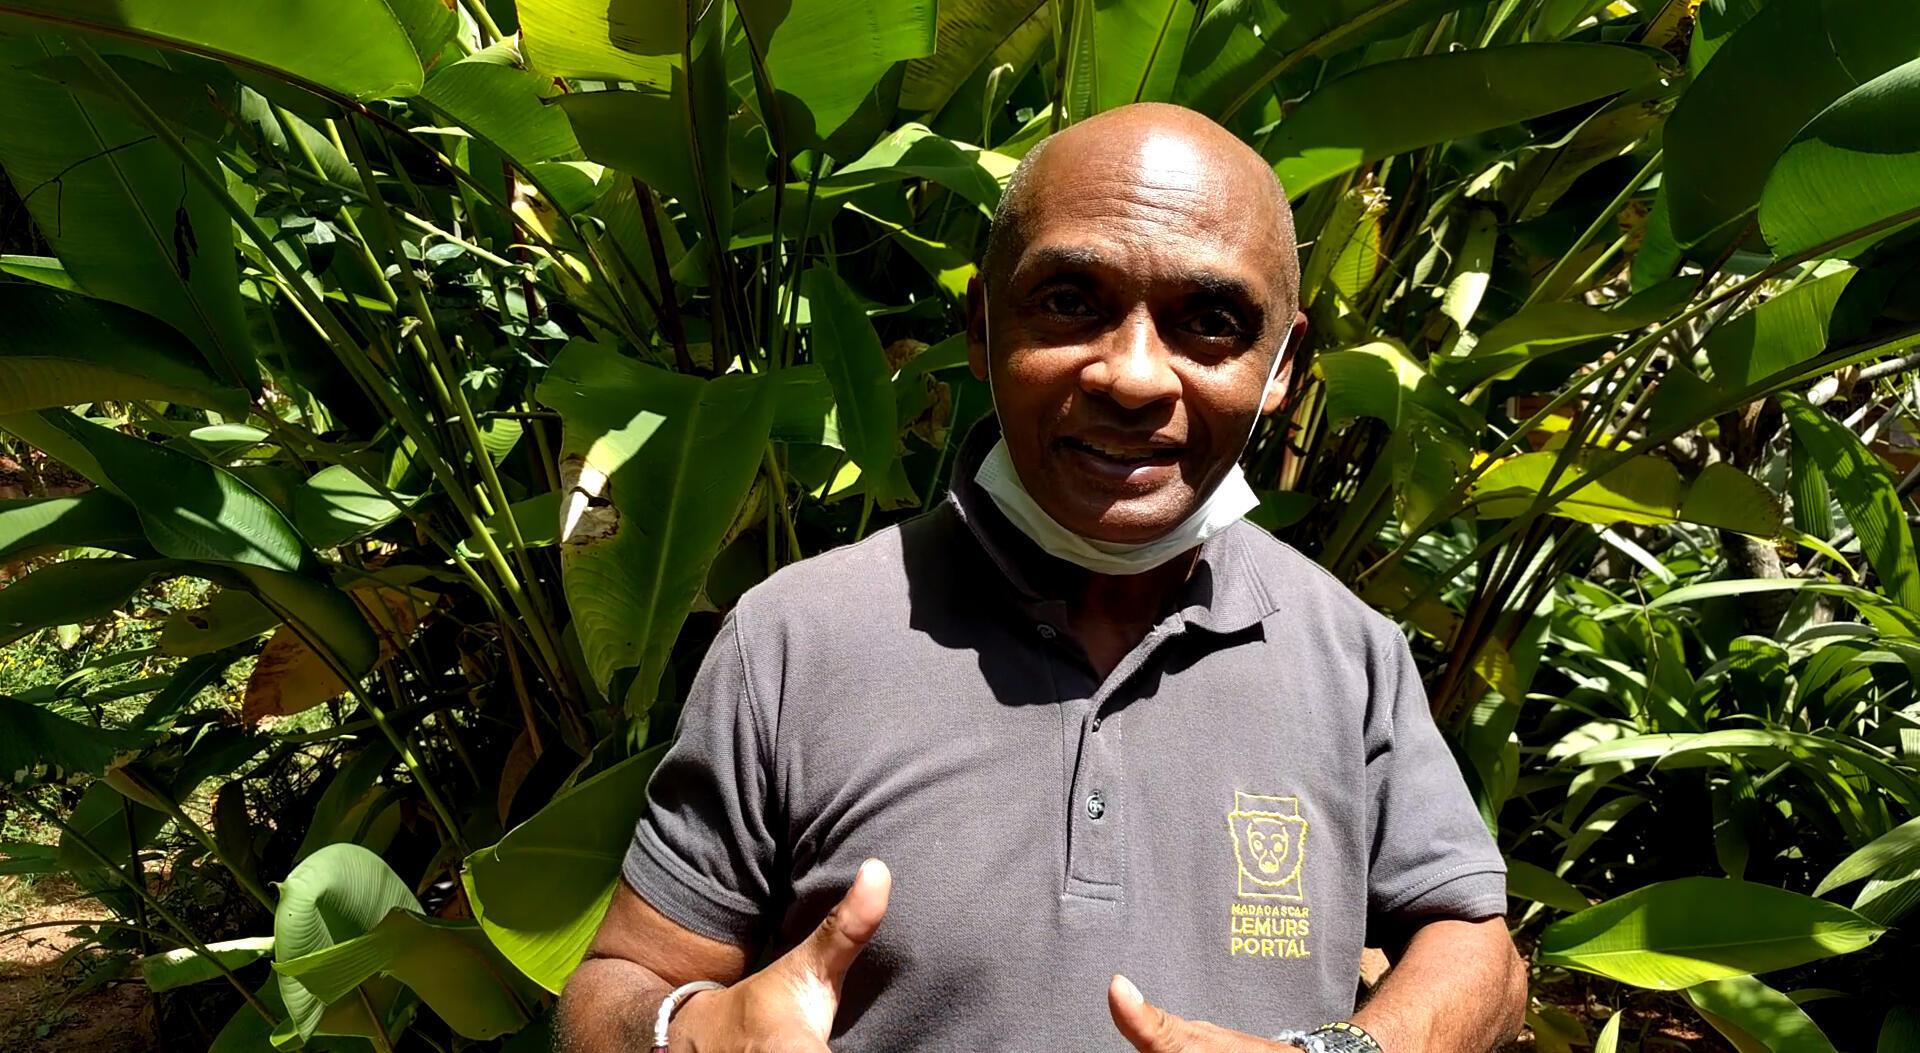 Le primatologue Jonah Ratsimbazafy, secrétaire général du Groupe d'Etude et de Recherche sur les Primates de Madagascar, vient de donner son nom au dernier lémurien découvert sur l'île, le Microcèbe Jonah.